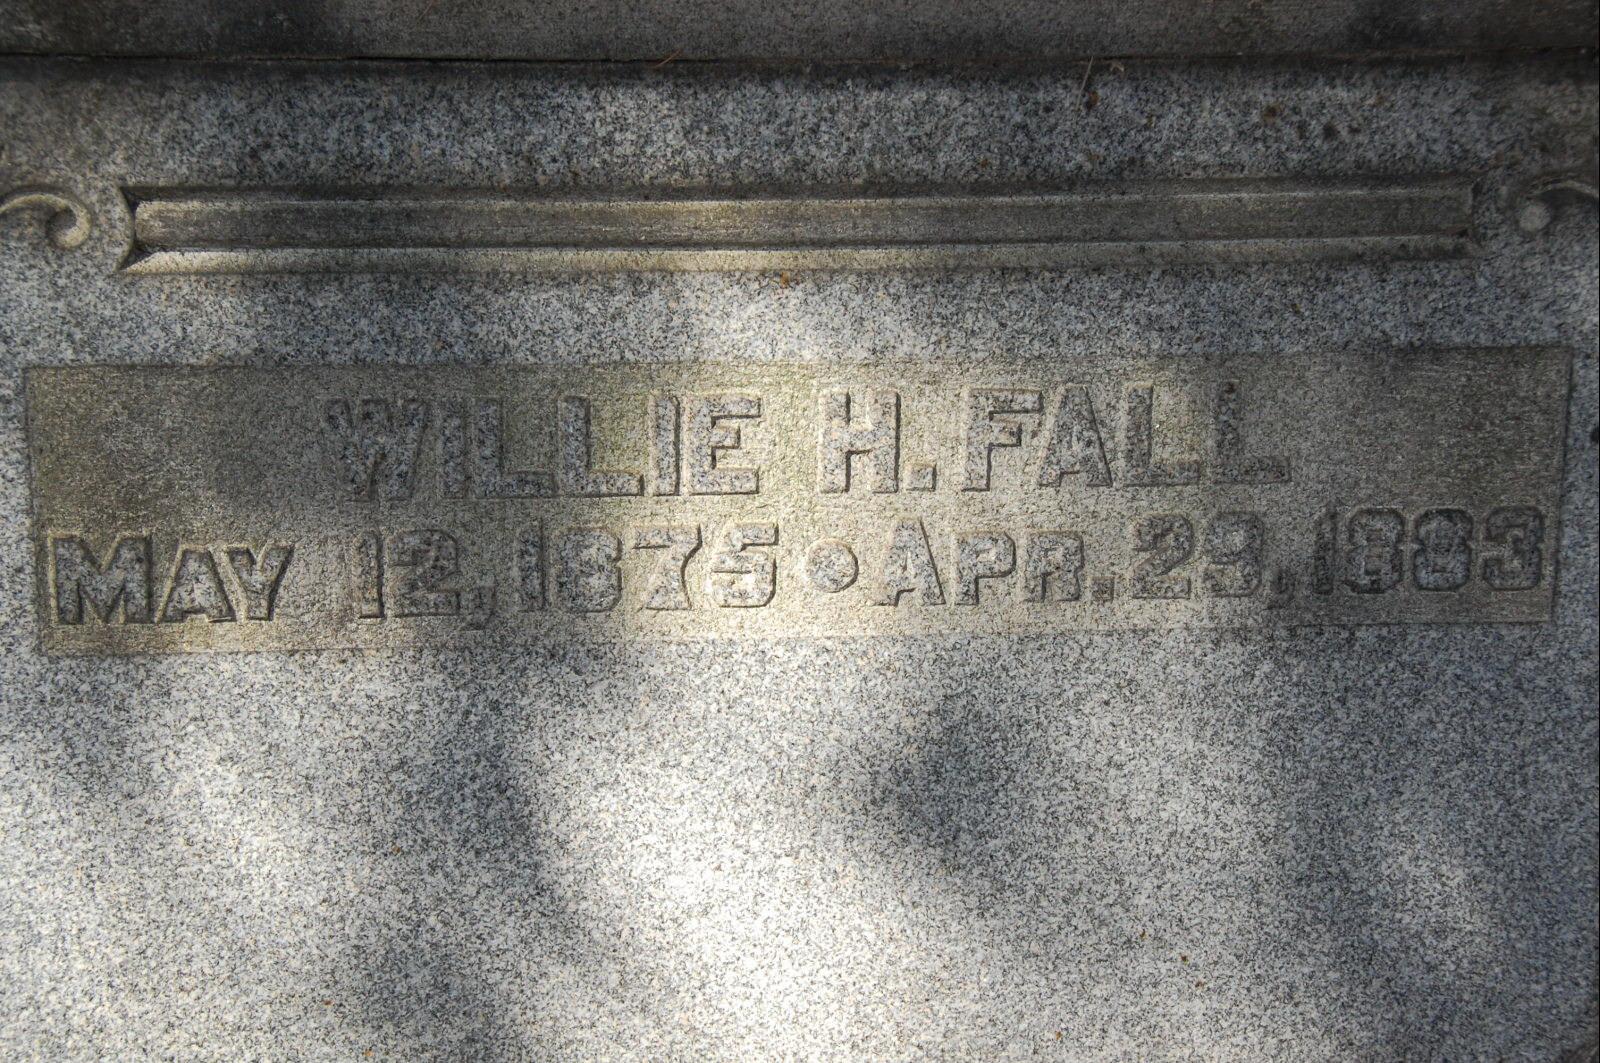 William H Fall